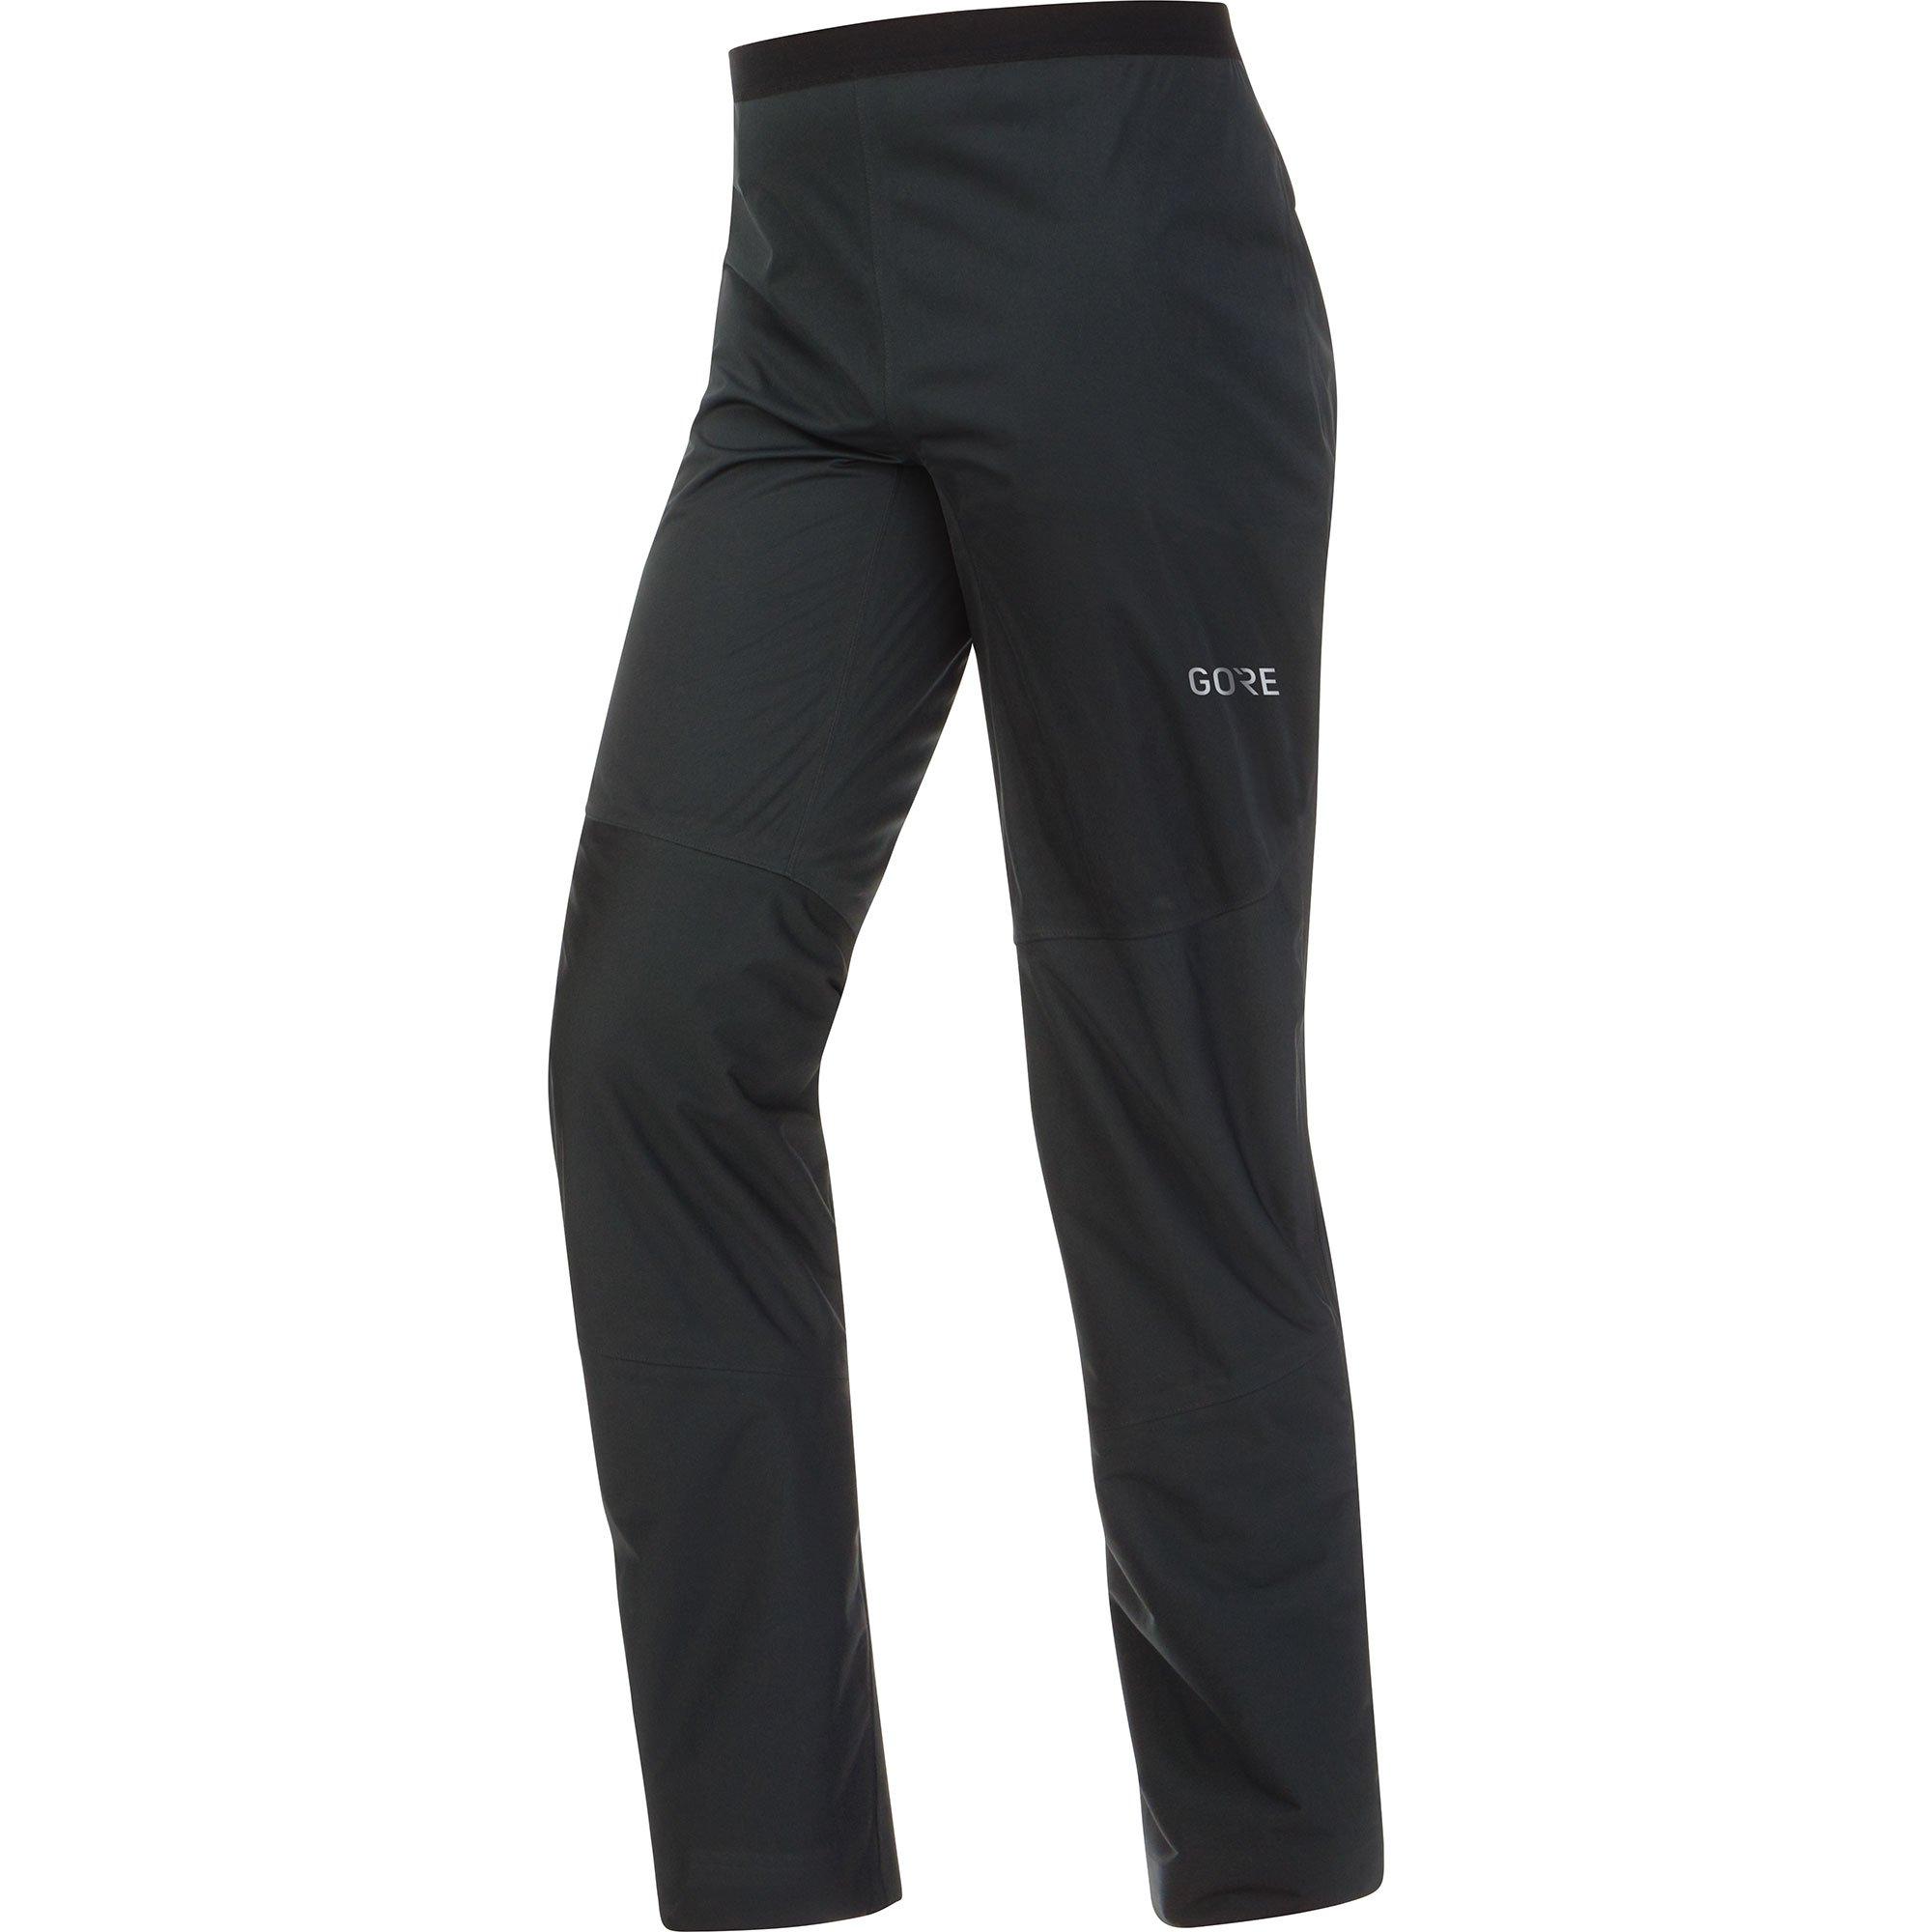 Gore Men's R3 Gtx Active Pants,  black,  L by GORE WEAR (Image #2)